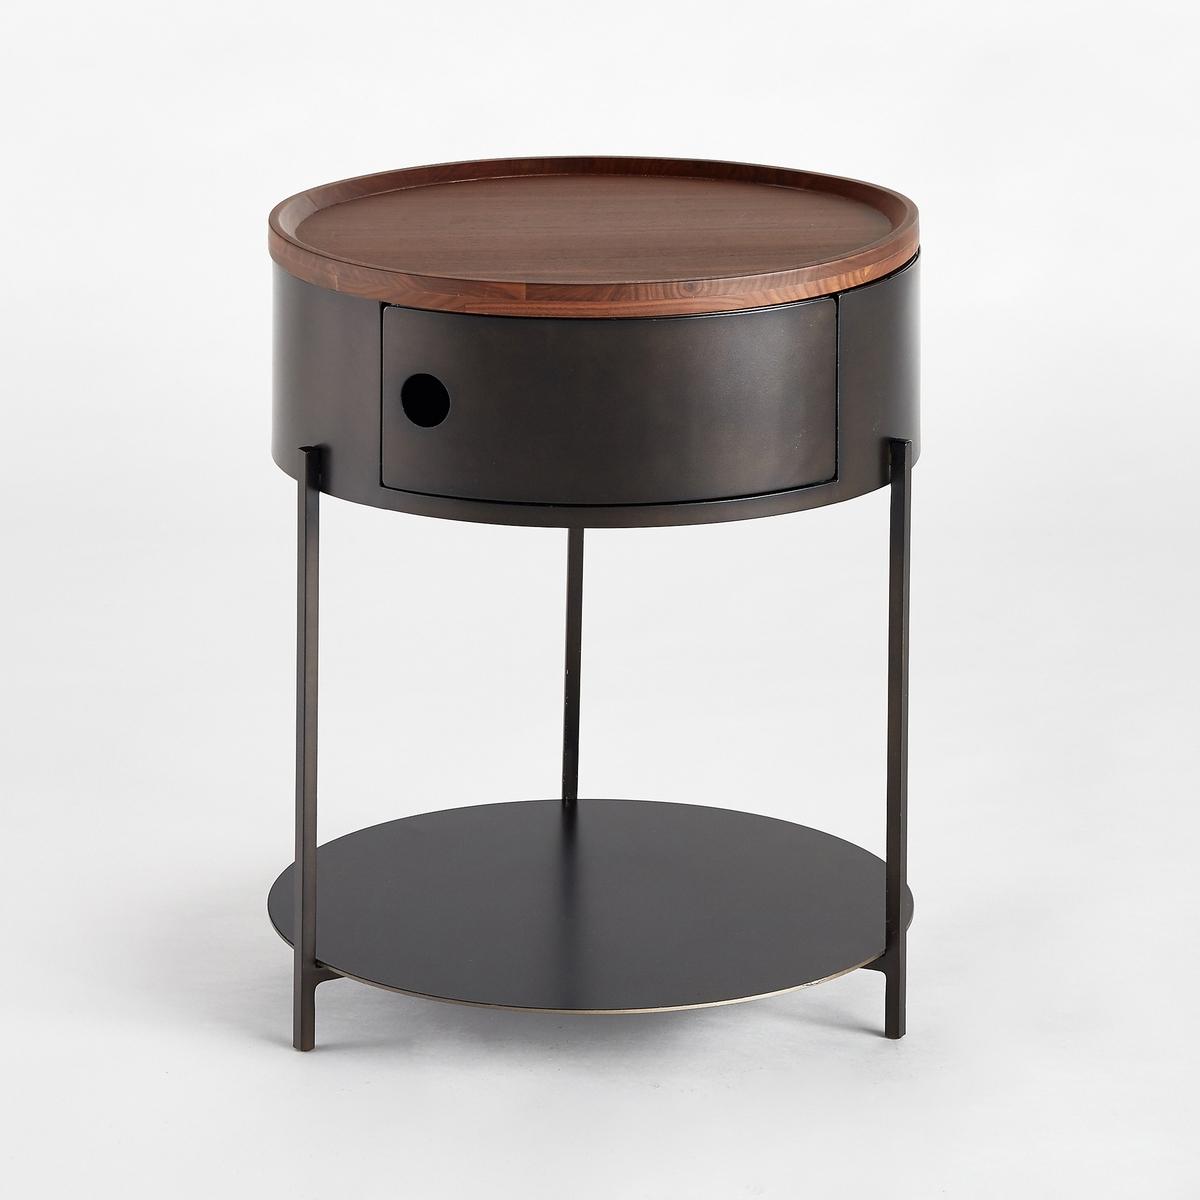 Ночной столик из массива орехового дерева, TalbingoХарактеристики :- Каркас из металла с эффектом старения, покрытие эпоксидным лаком. - Столешница из металла и съемная столешница из массива орехового дерева с покрытием нитролаком. - 1 двусторонняя дверца для открывания влево и вправо с магнитной защелкой. Размеры :- диаметр 40 x 50 см.<br><br>Цвет: черный